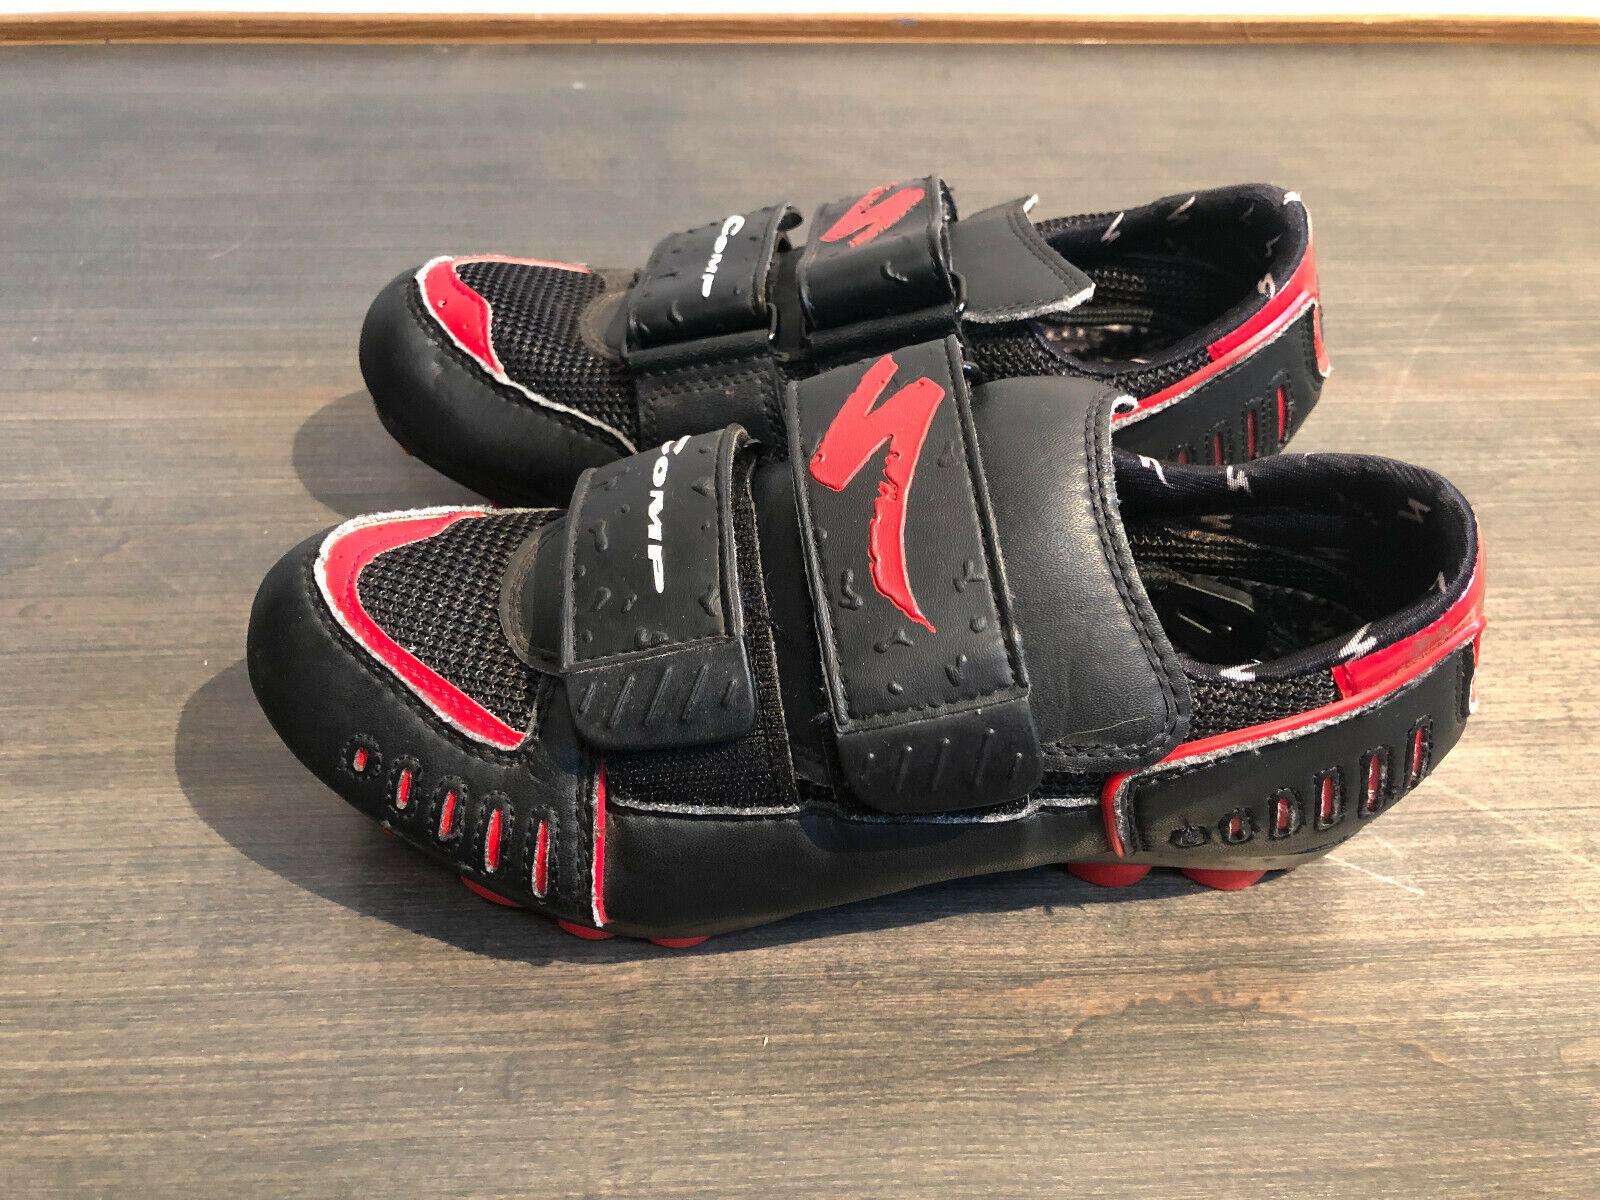 Sie's Specialized Comp MTB Schuhe und US Sie's 7 für SPD Clips Cleats